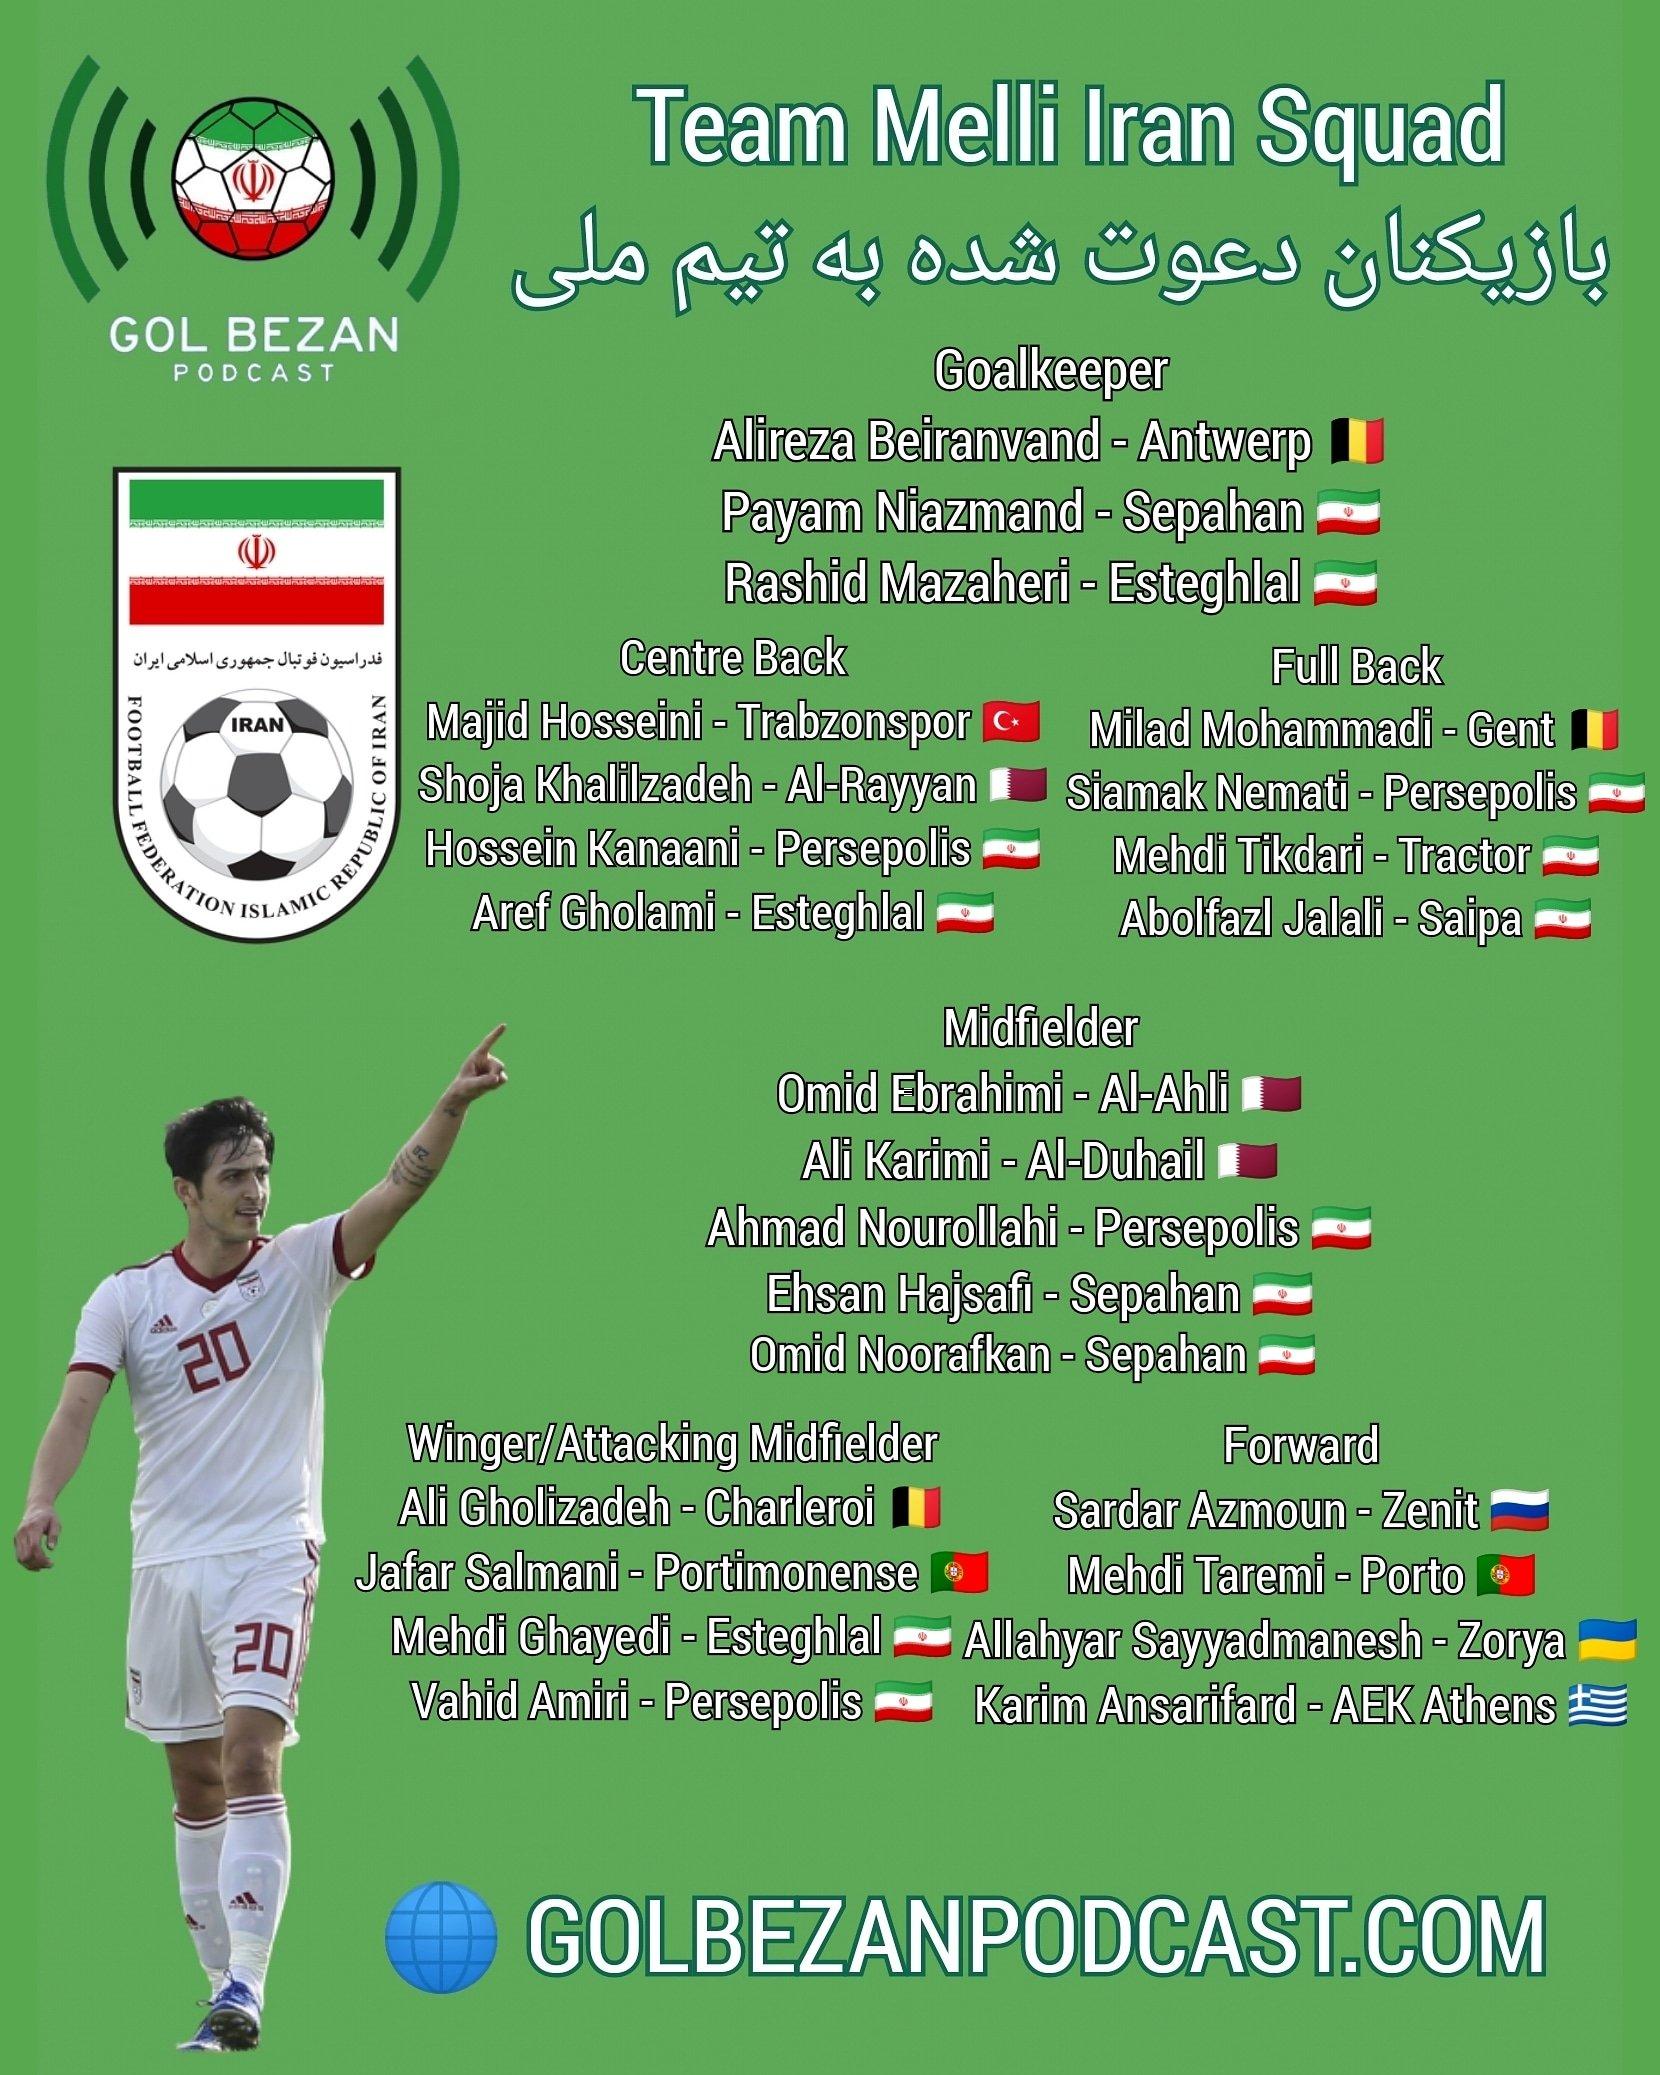 Iran Squad List